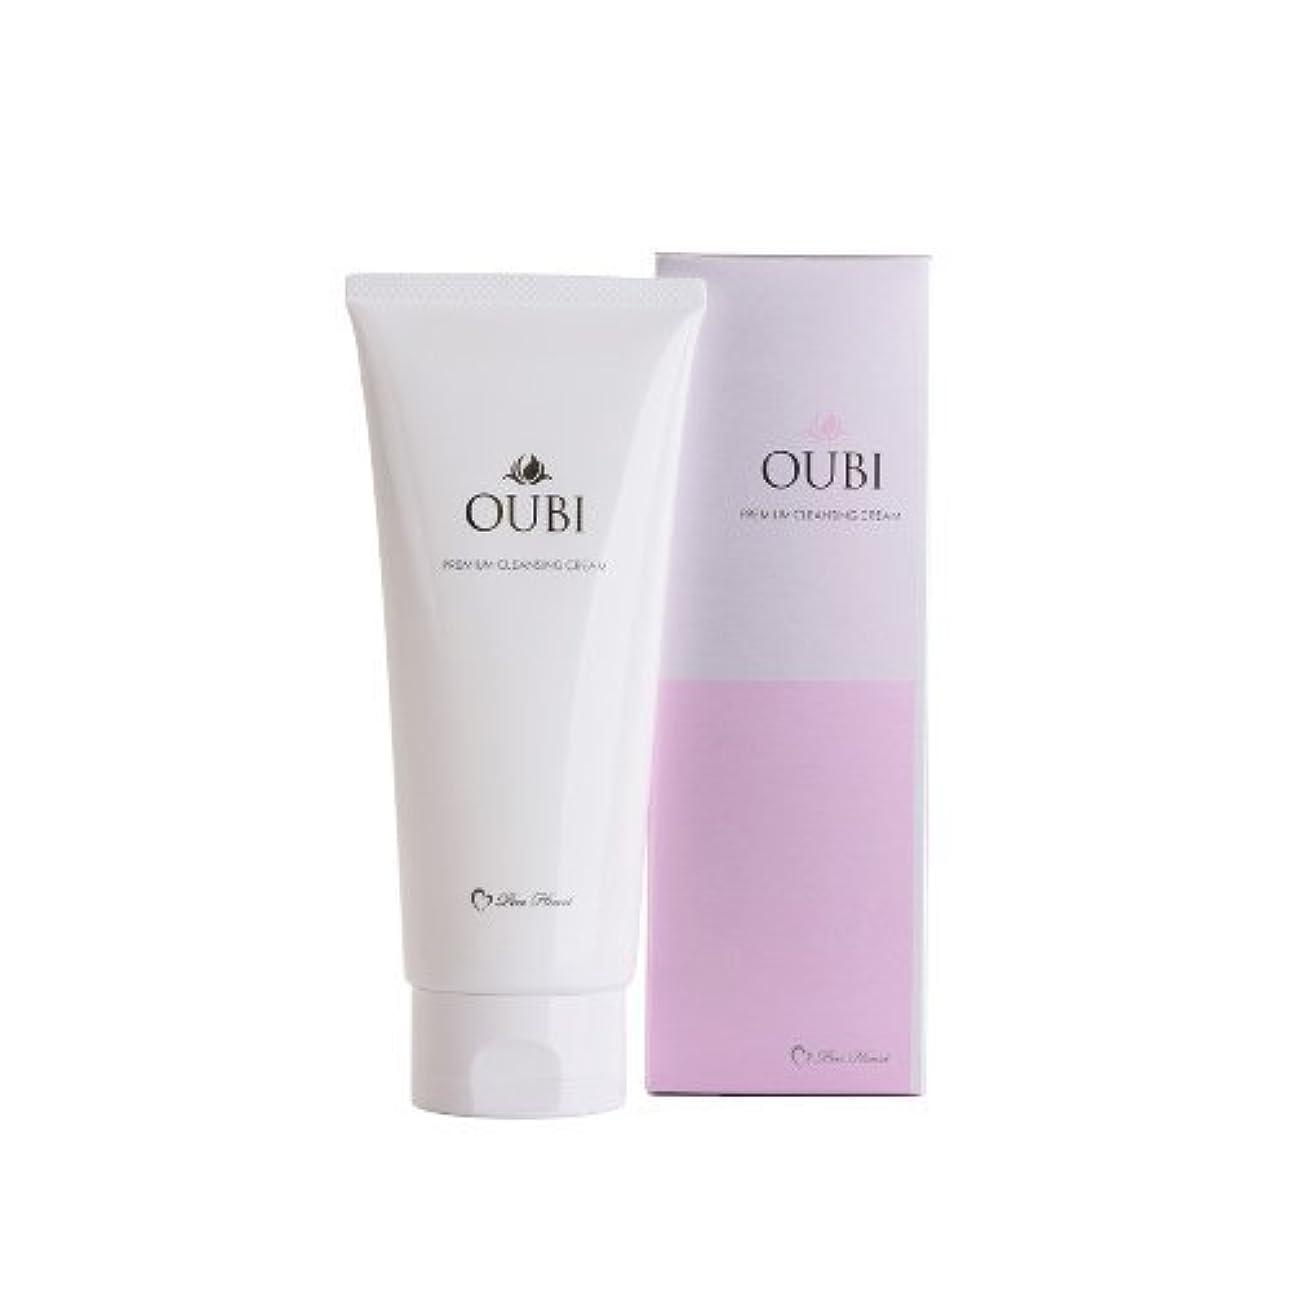 引き渡すうっかり化合物OUBI (オウビ) プレミアムクレンジングクリーム150g